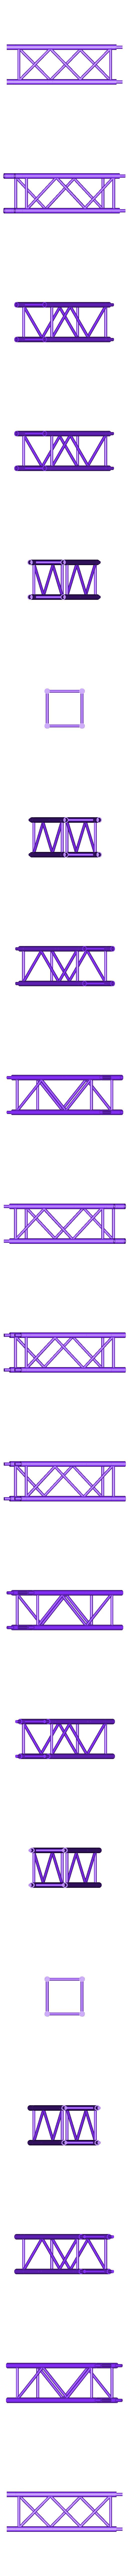 Truss 4 Punkt Traverse GWX632 Sondermaß (x2).stl Download STL file 1:18 Truss 4 Punkt Traverse Messestand ZSB1000 • Template to 3D print, CrossModellbau